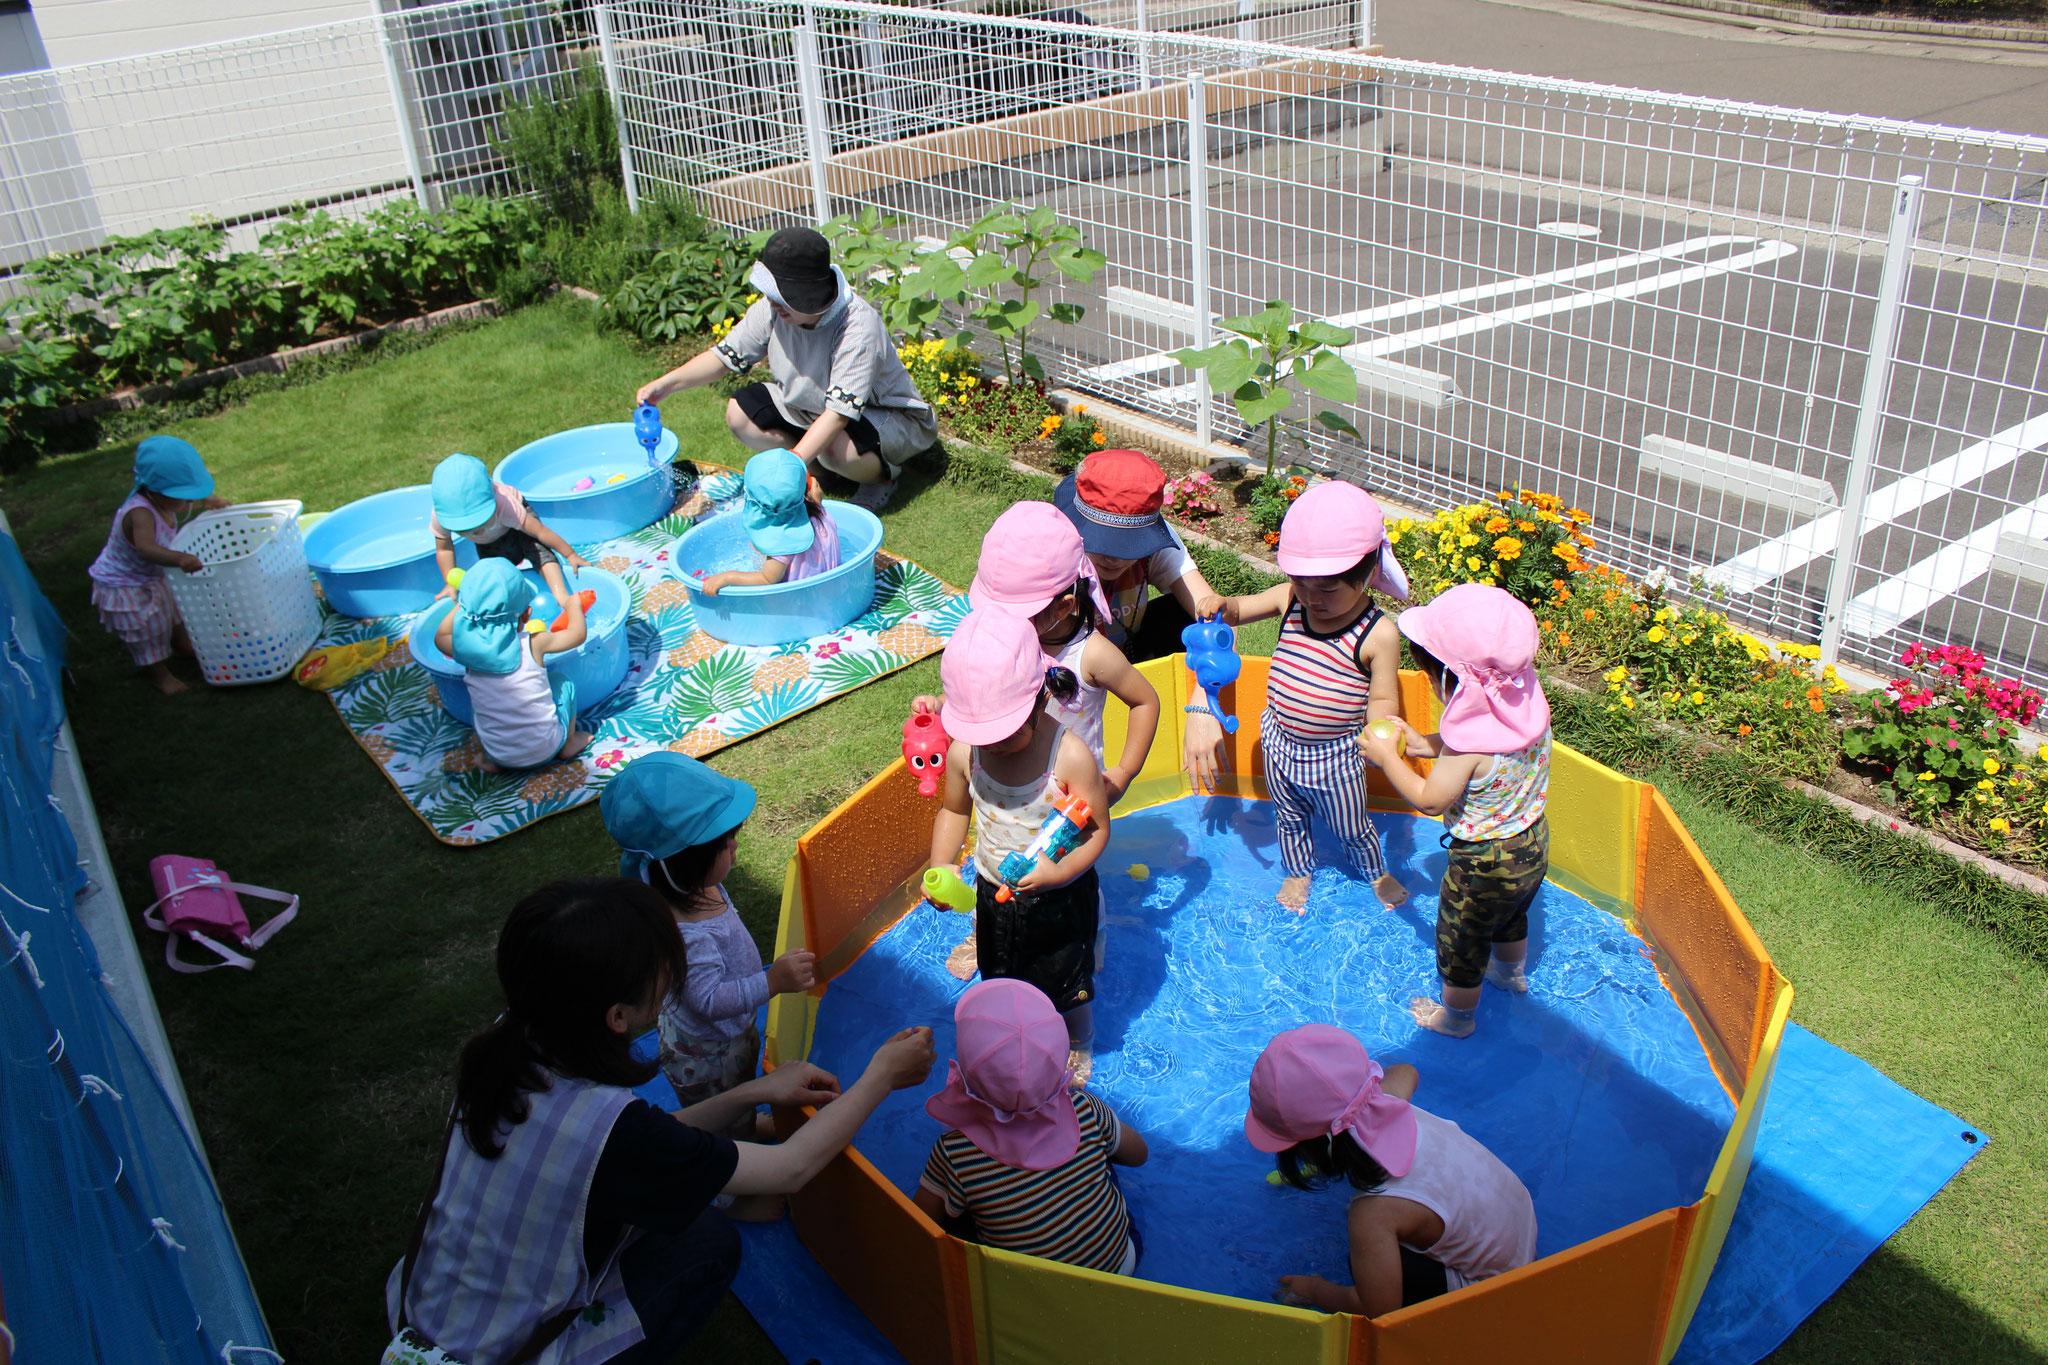 1、2歳クラスは水遊びを通して 水の柔らかさ ぬくもり つぎつぎと形が変化する その自由度のたかさ 何よりも楽しく、気持ちいい刺激が入力されています😊